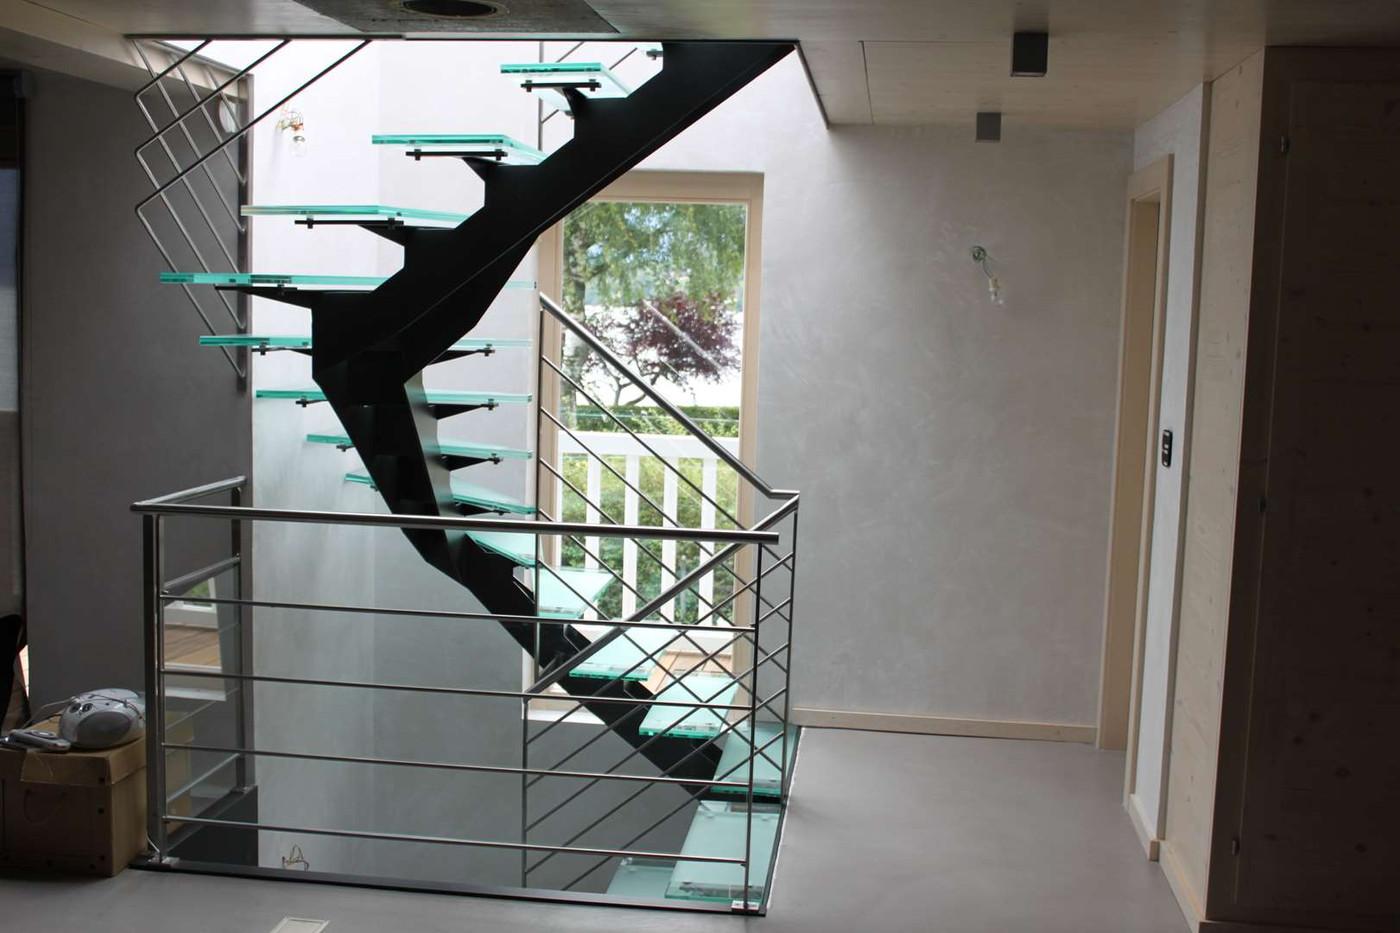 Escalier acier et marches en verre